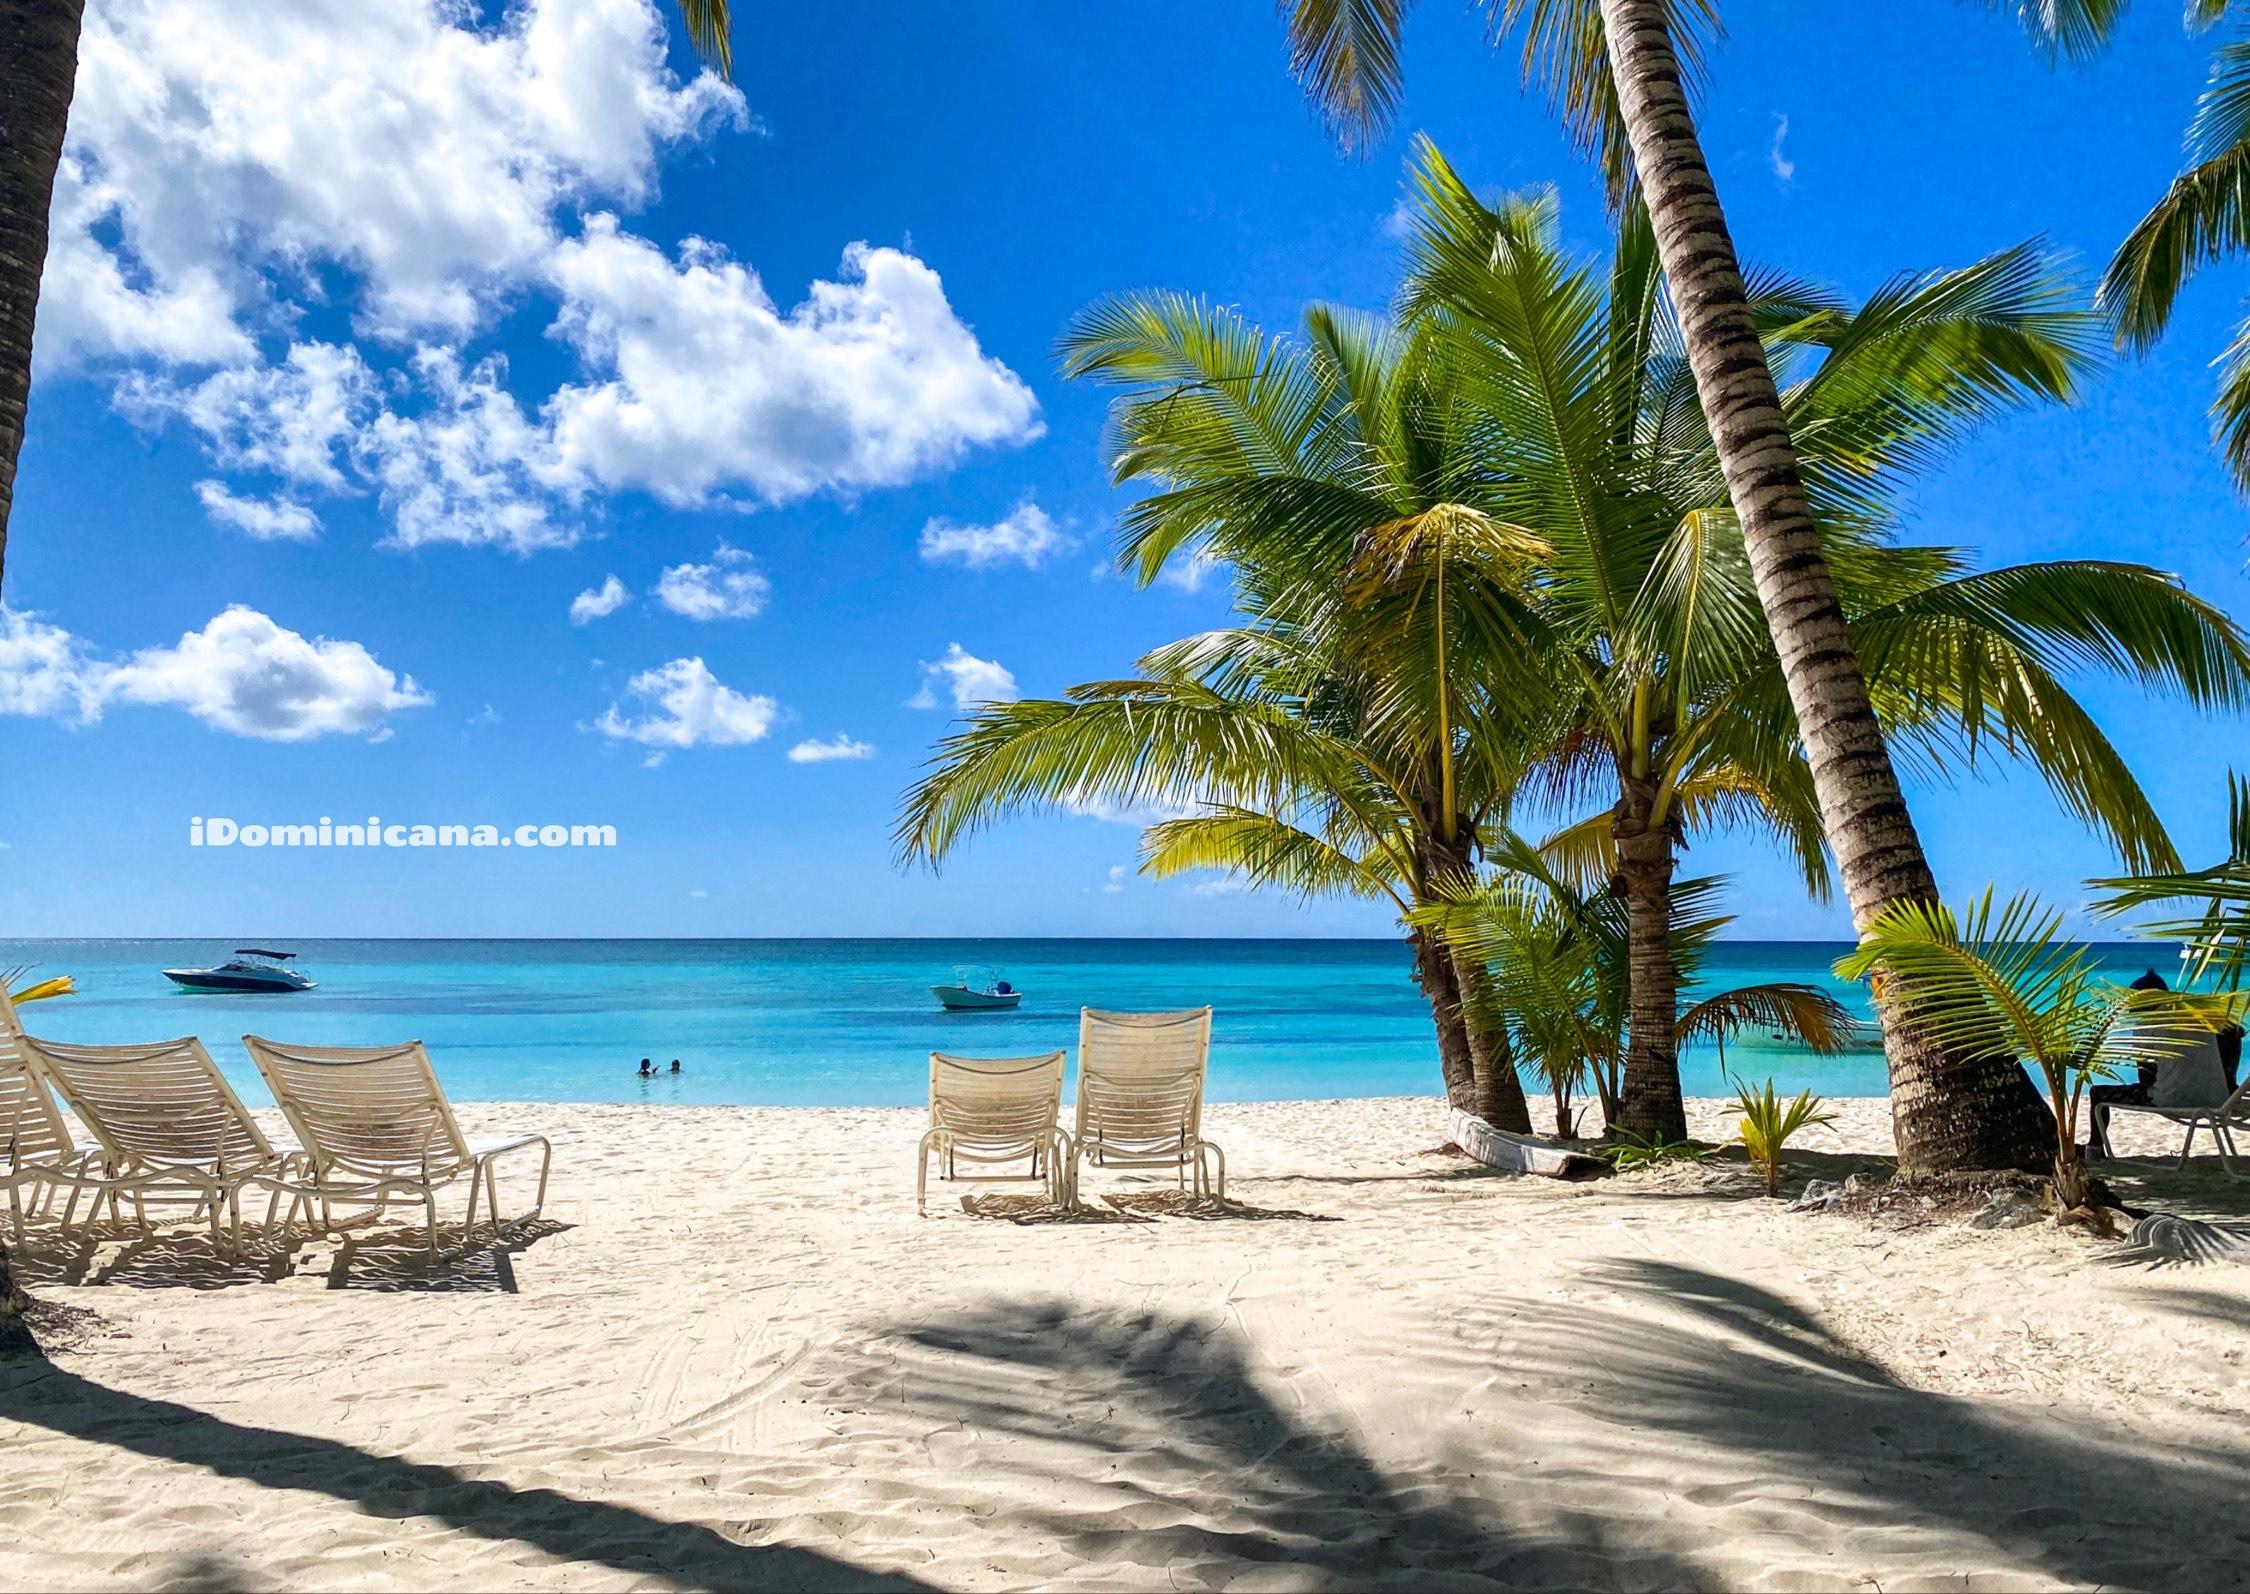 Республика Доминикана: правила отдыха в 2021 году